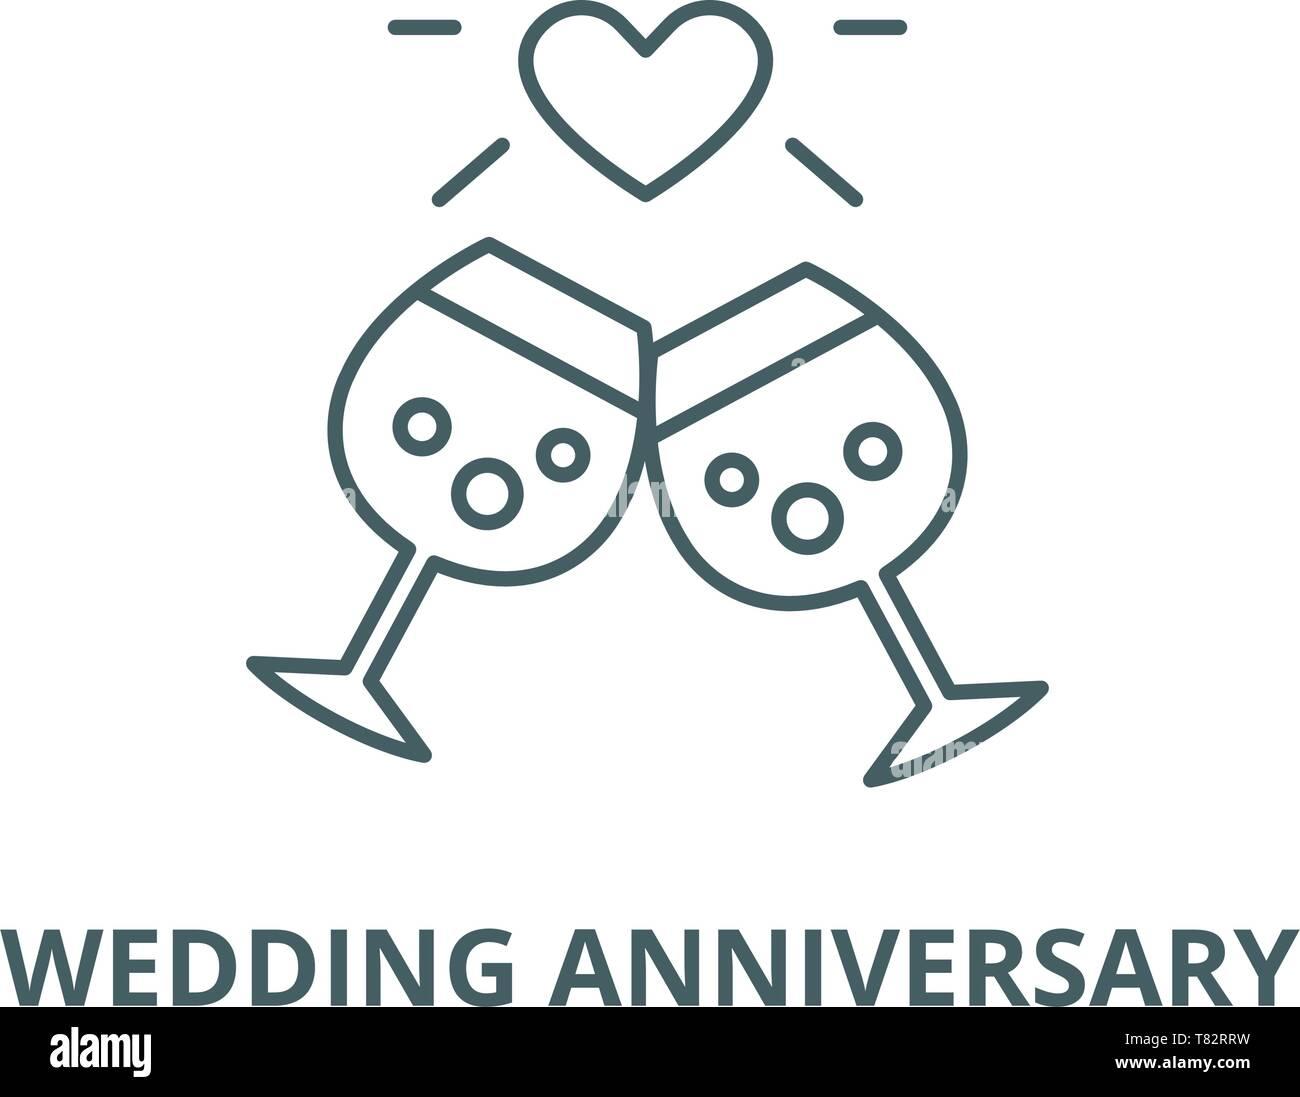 Anniversario Di Matrimonio Simboli.Anniversario Di Matrimonio Linea Del Vettore Icona Concetto